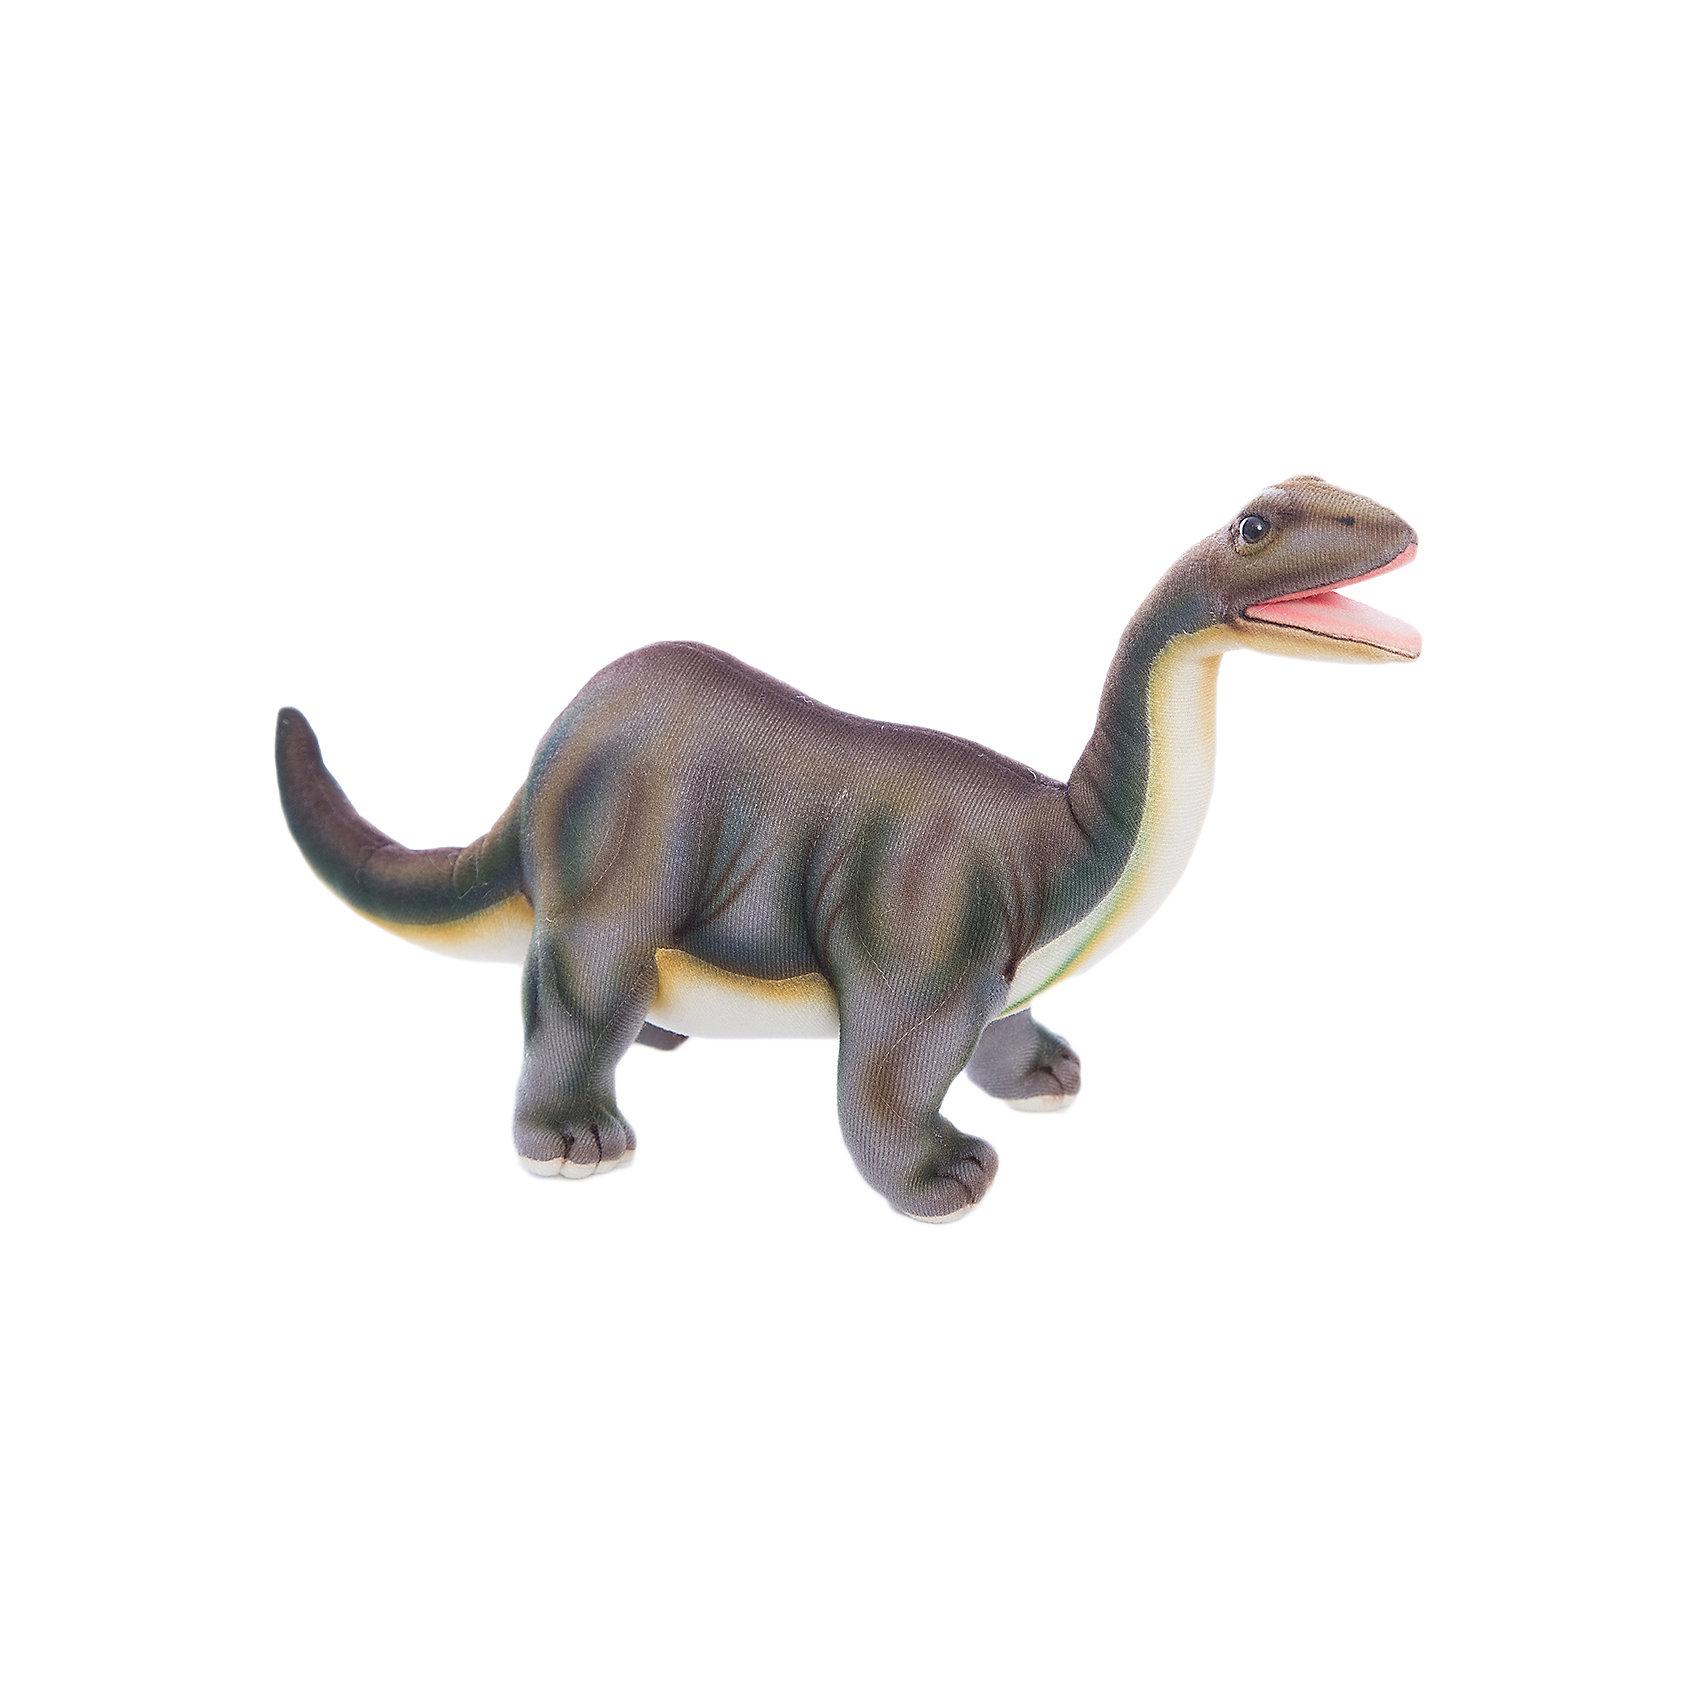 Hansa Бронтозавр, 45 см реквизит для детских игр